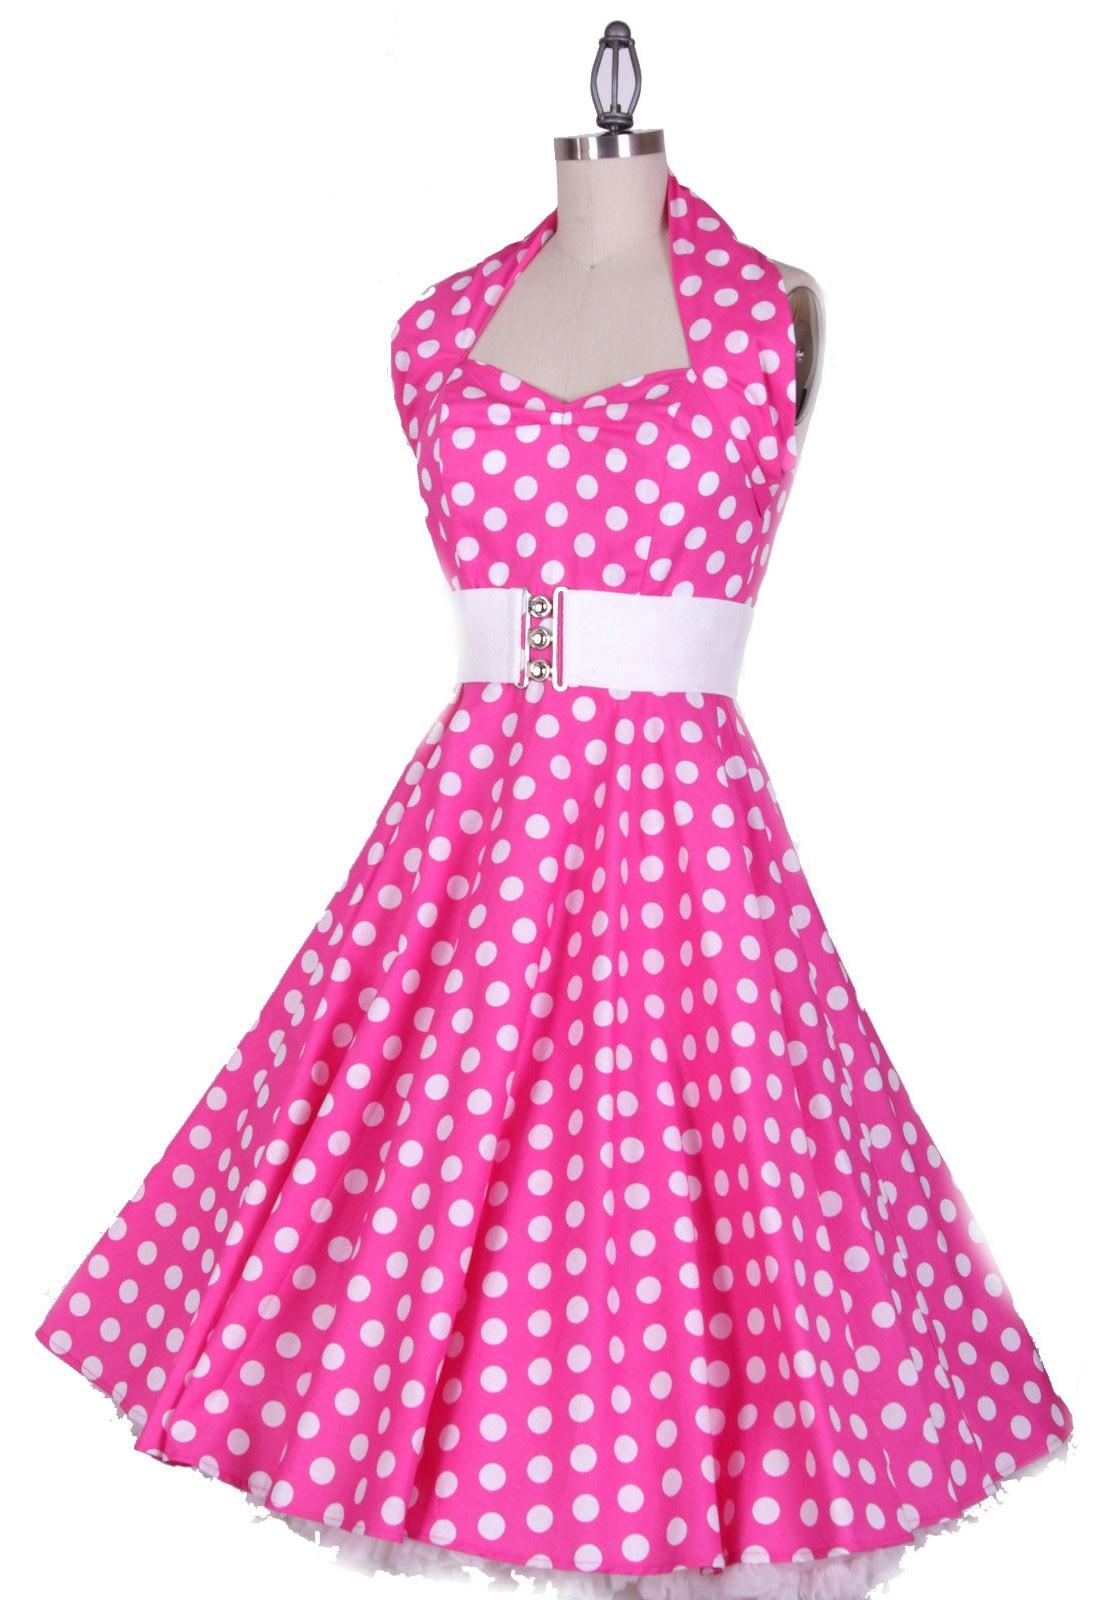 OMD – Oh My Dot Dress!